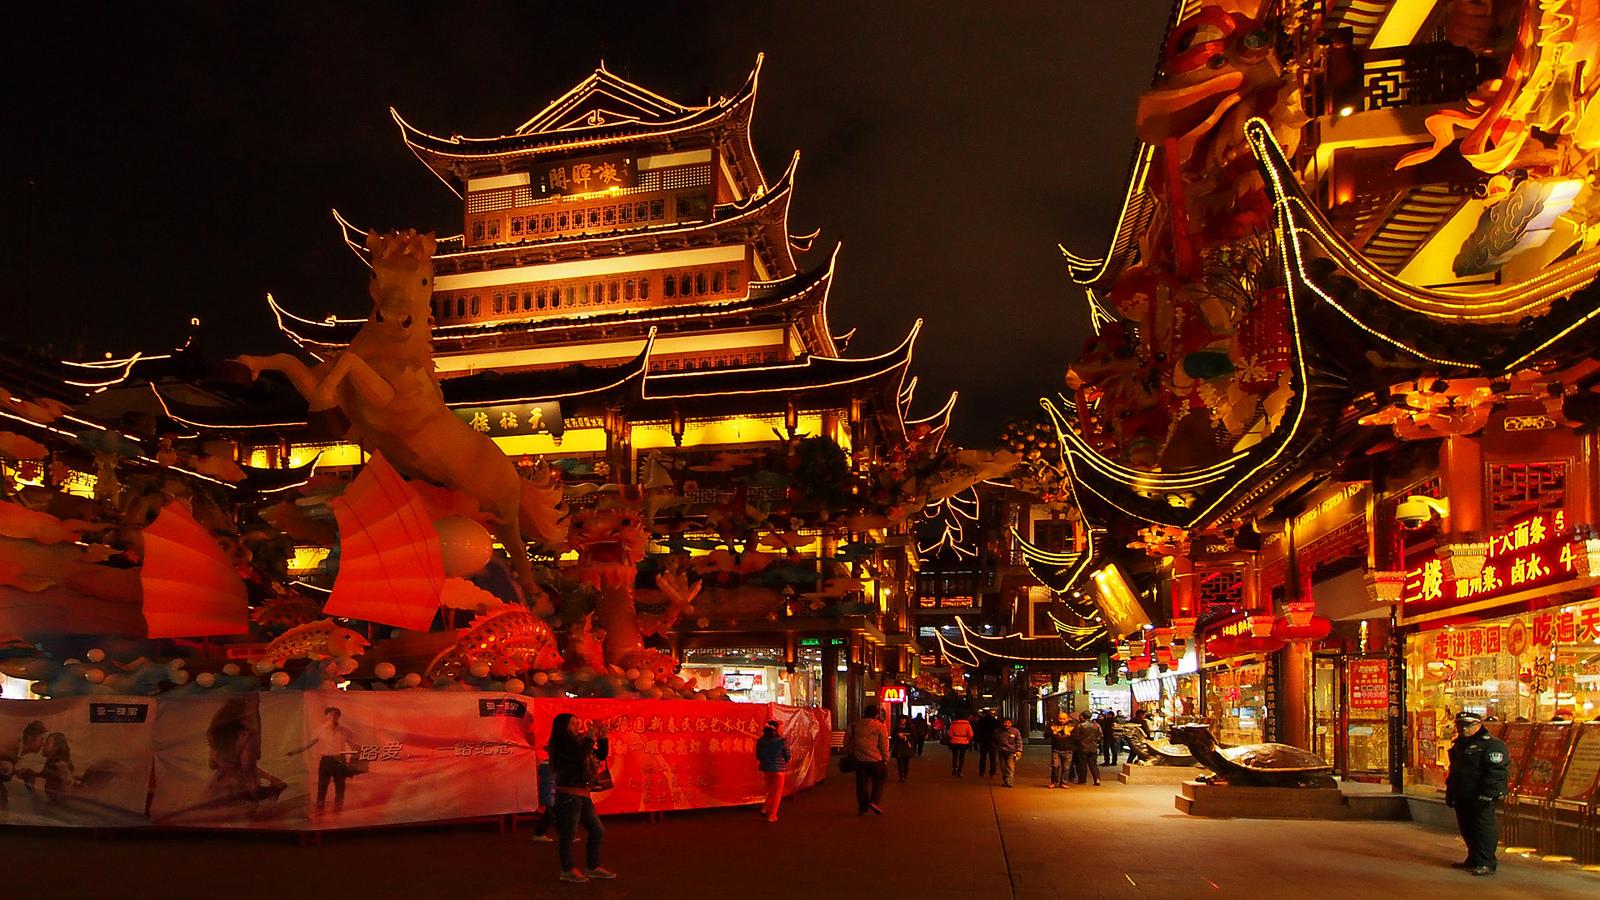 La f te du t t et la f te du printemps organisation obs ques - Photo de dragon chinois ...